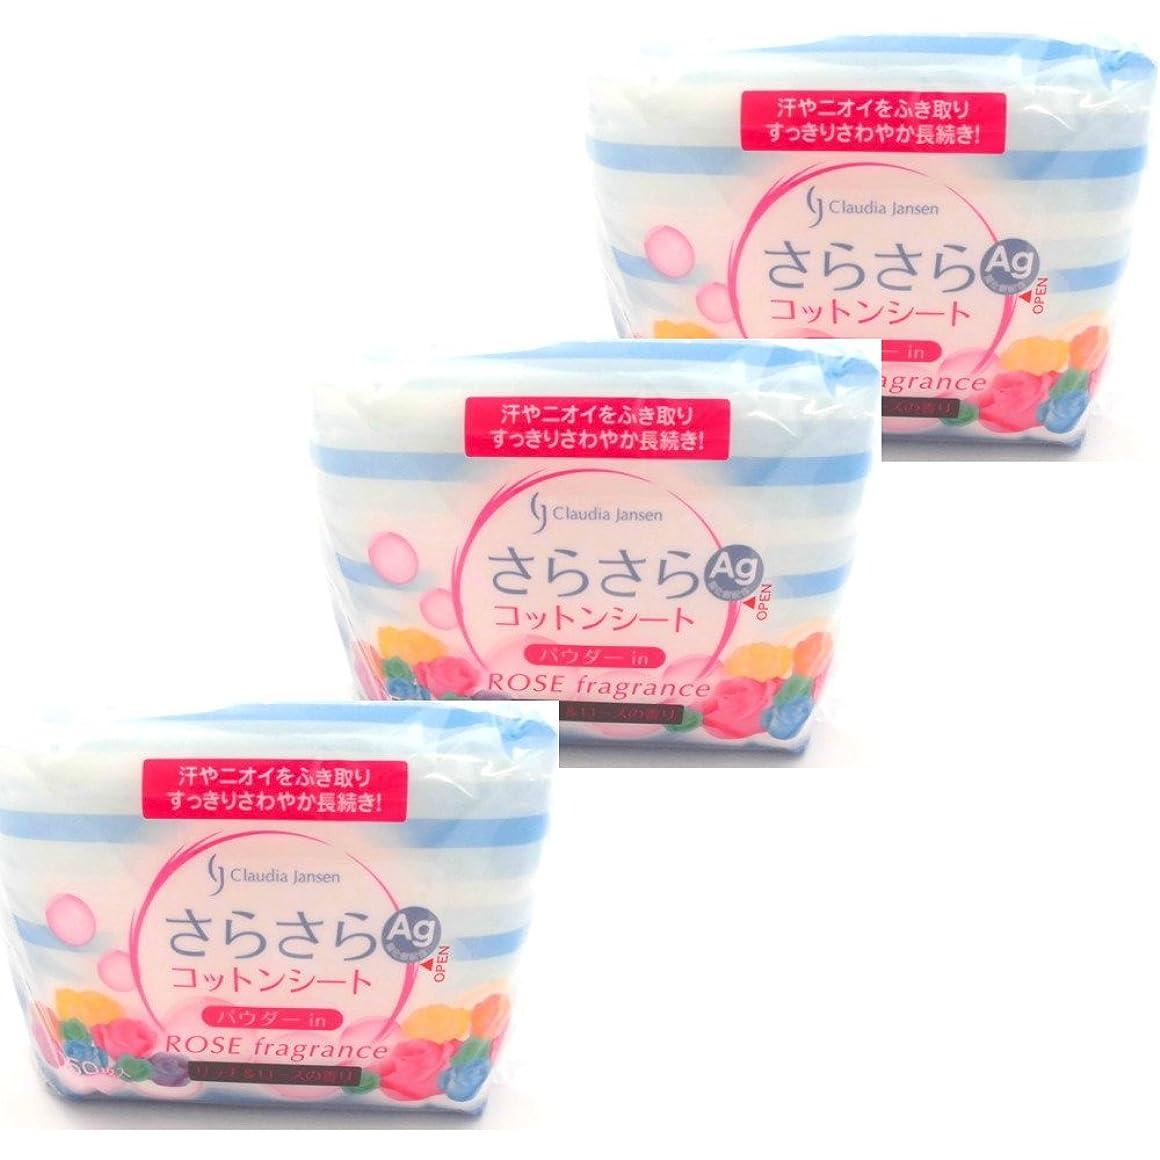 新しい意味誘惑する発疹さらさらパウダーシート (汗ふきシート)50枚入り ローズの香り 3個セット(計150枚)